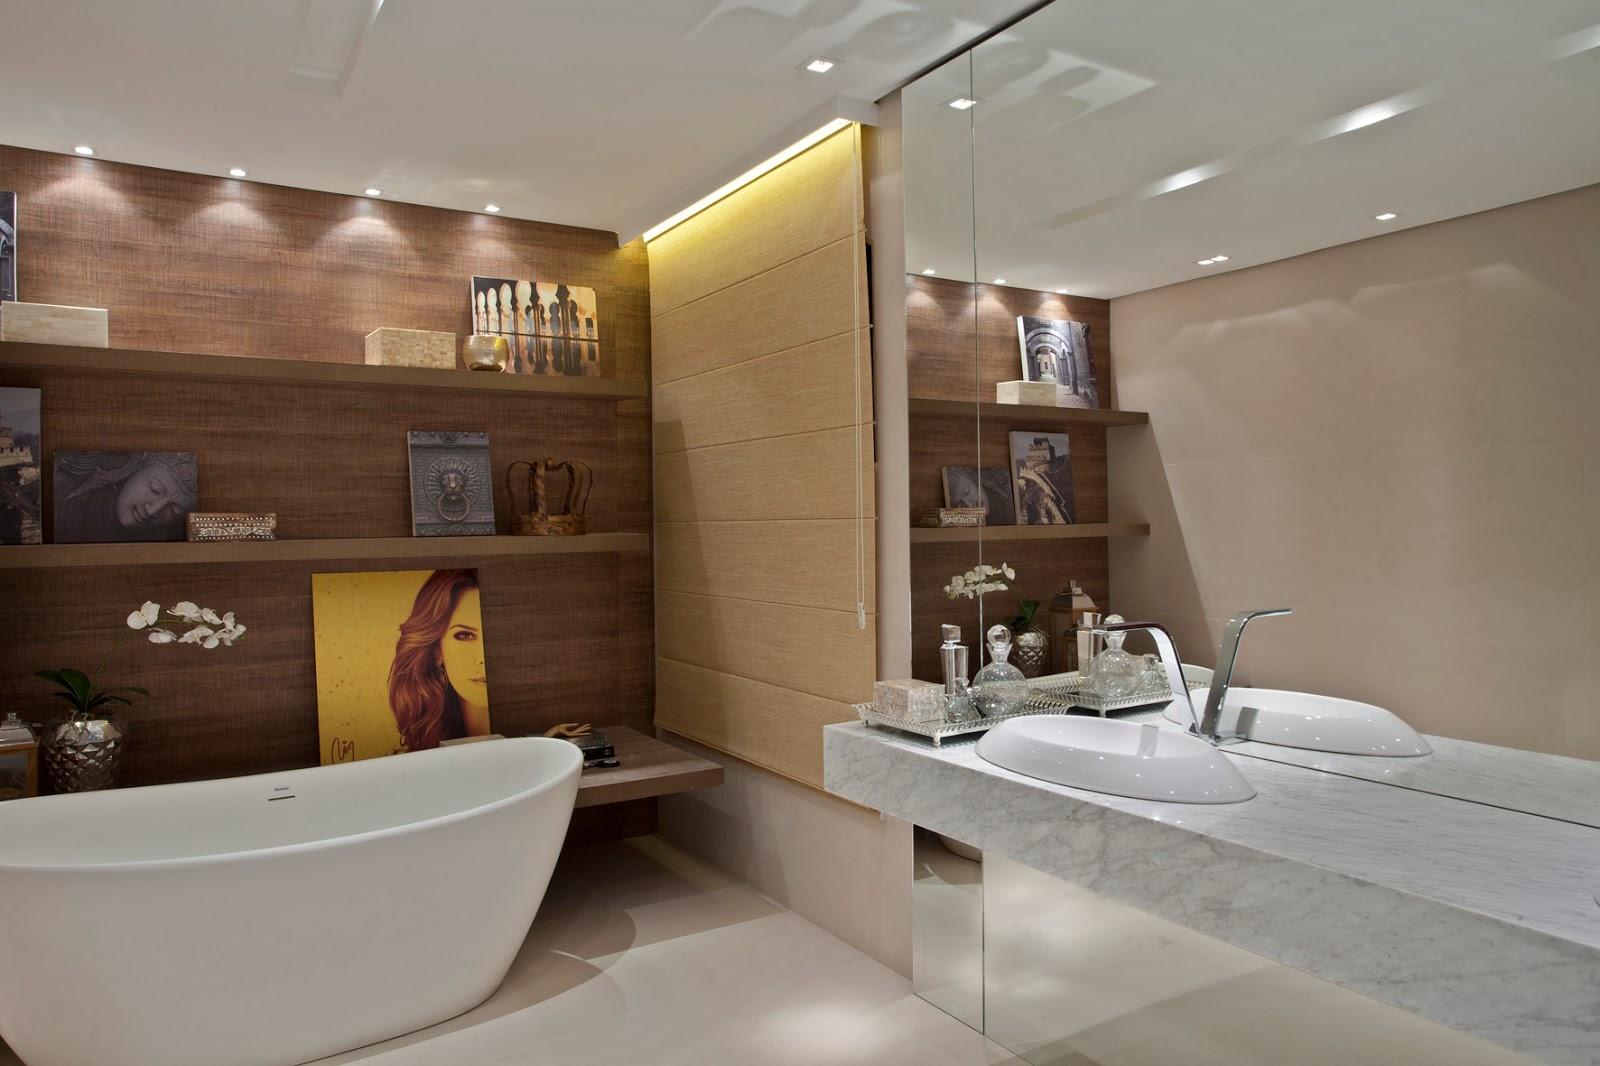 Ateliê Revestimentos: 10 sugestões para decorar banheiros e lavabos #997832 1600 1066